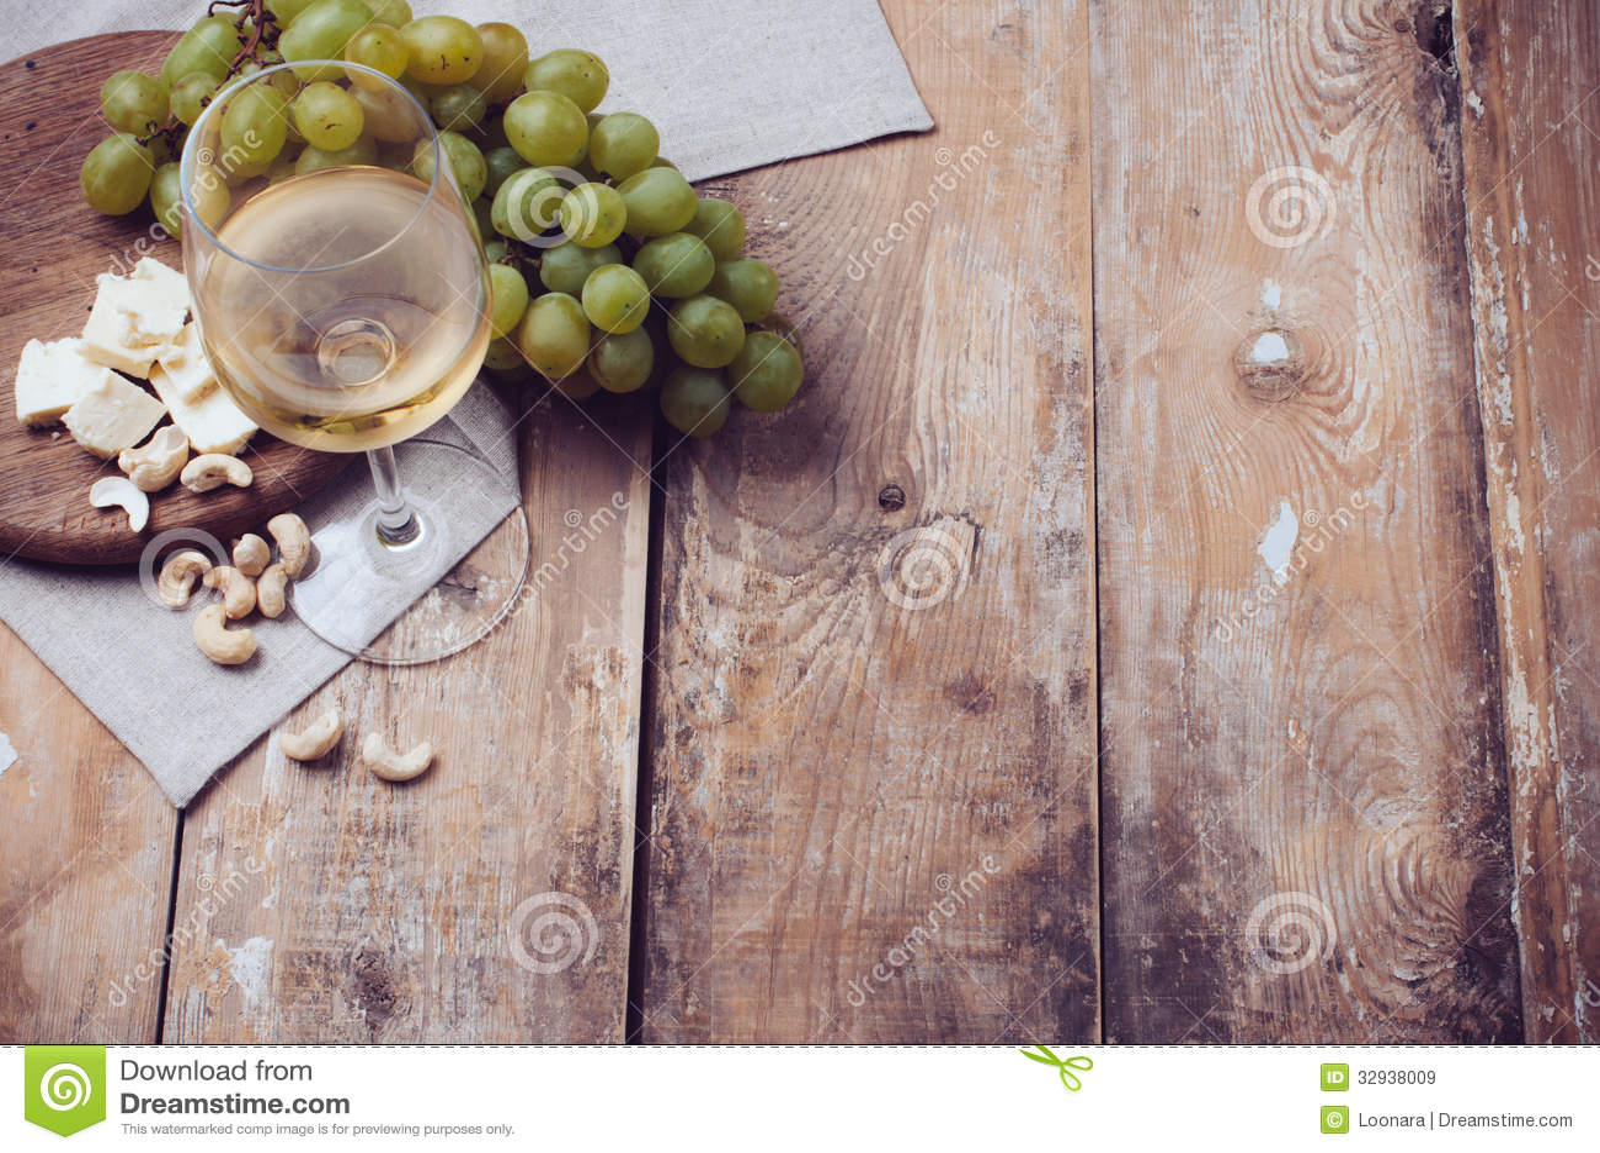 Verre de vin blanc, de raisins, de noix de cajou et de fromage à pâte molle